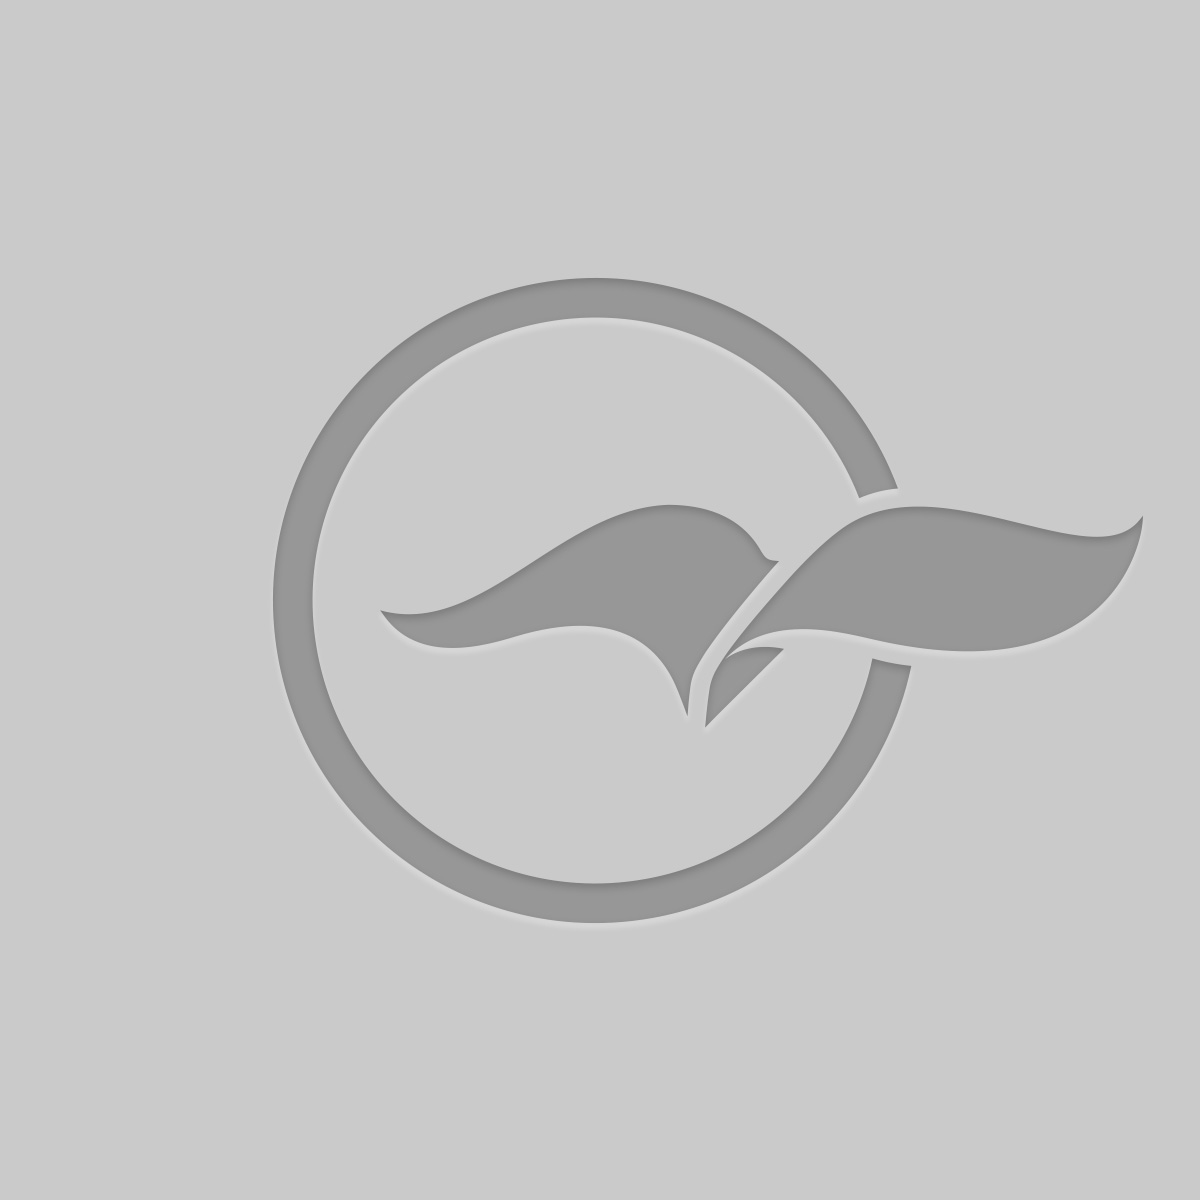 സമ്പദ്വ്യവസ്ഥയെ സഹായിച്ചത് കള്ളപണം- അഖിലേഷ് യാദവ്